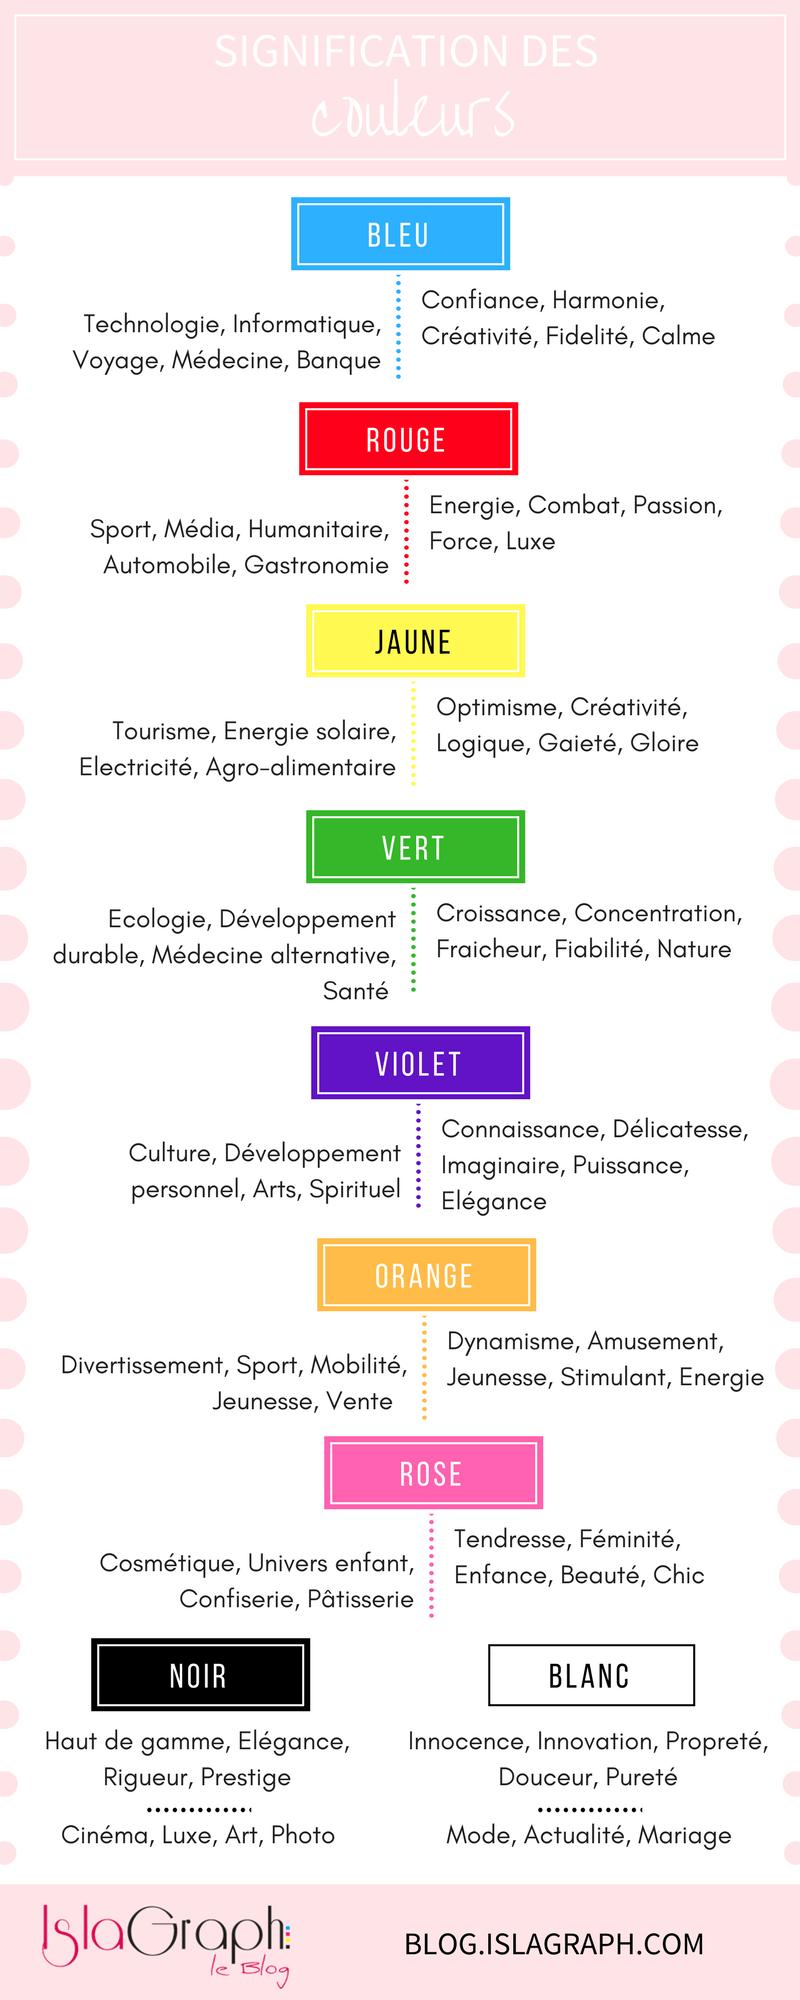 Les 5 Qualites Pour Avoir Un Logo Parfait Signification Des Couleurs Psychologie Des Couleurs Psycologie Des Couleurs